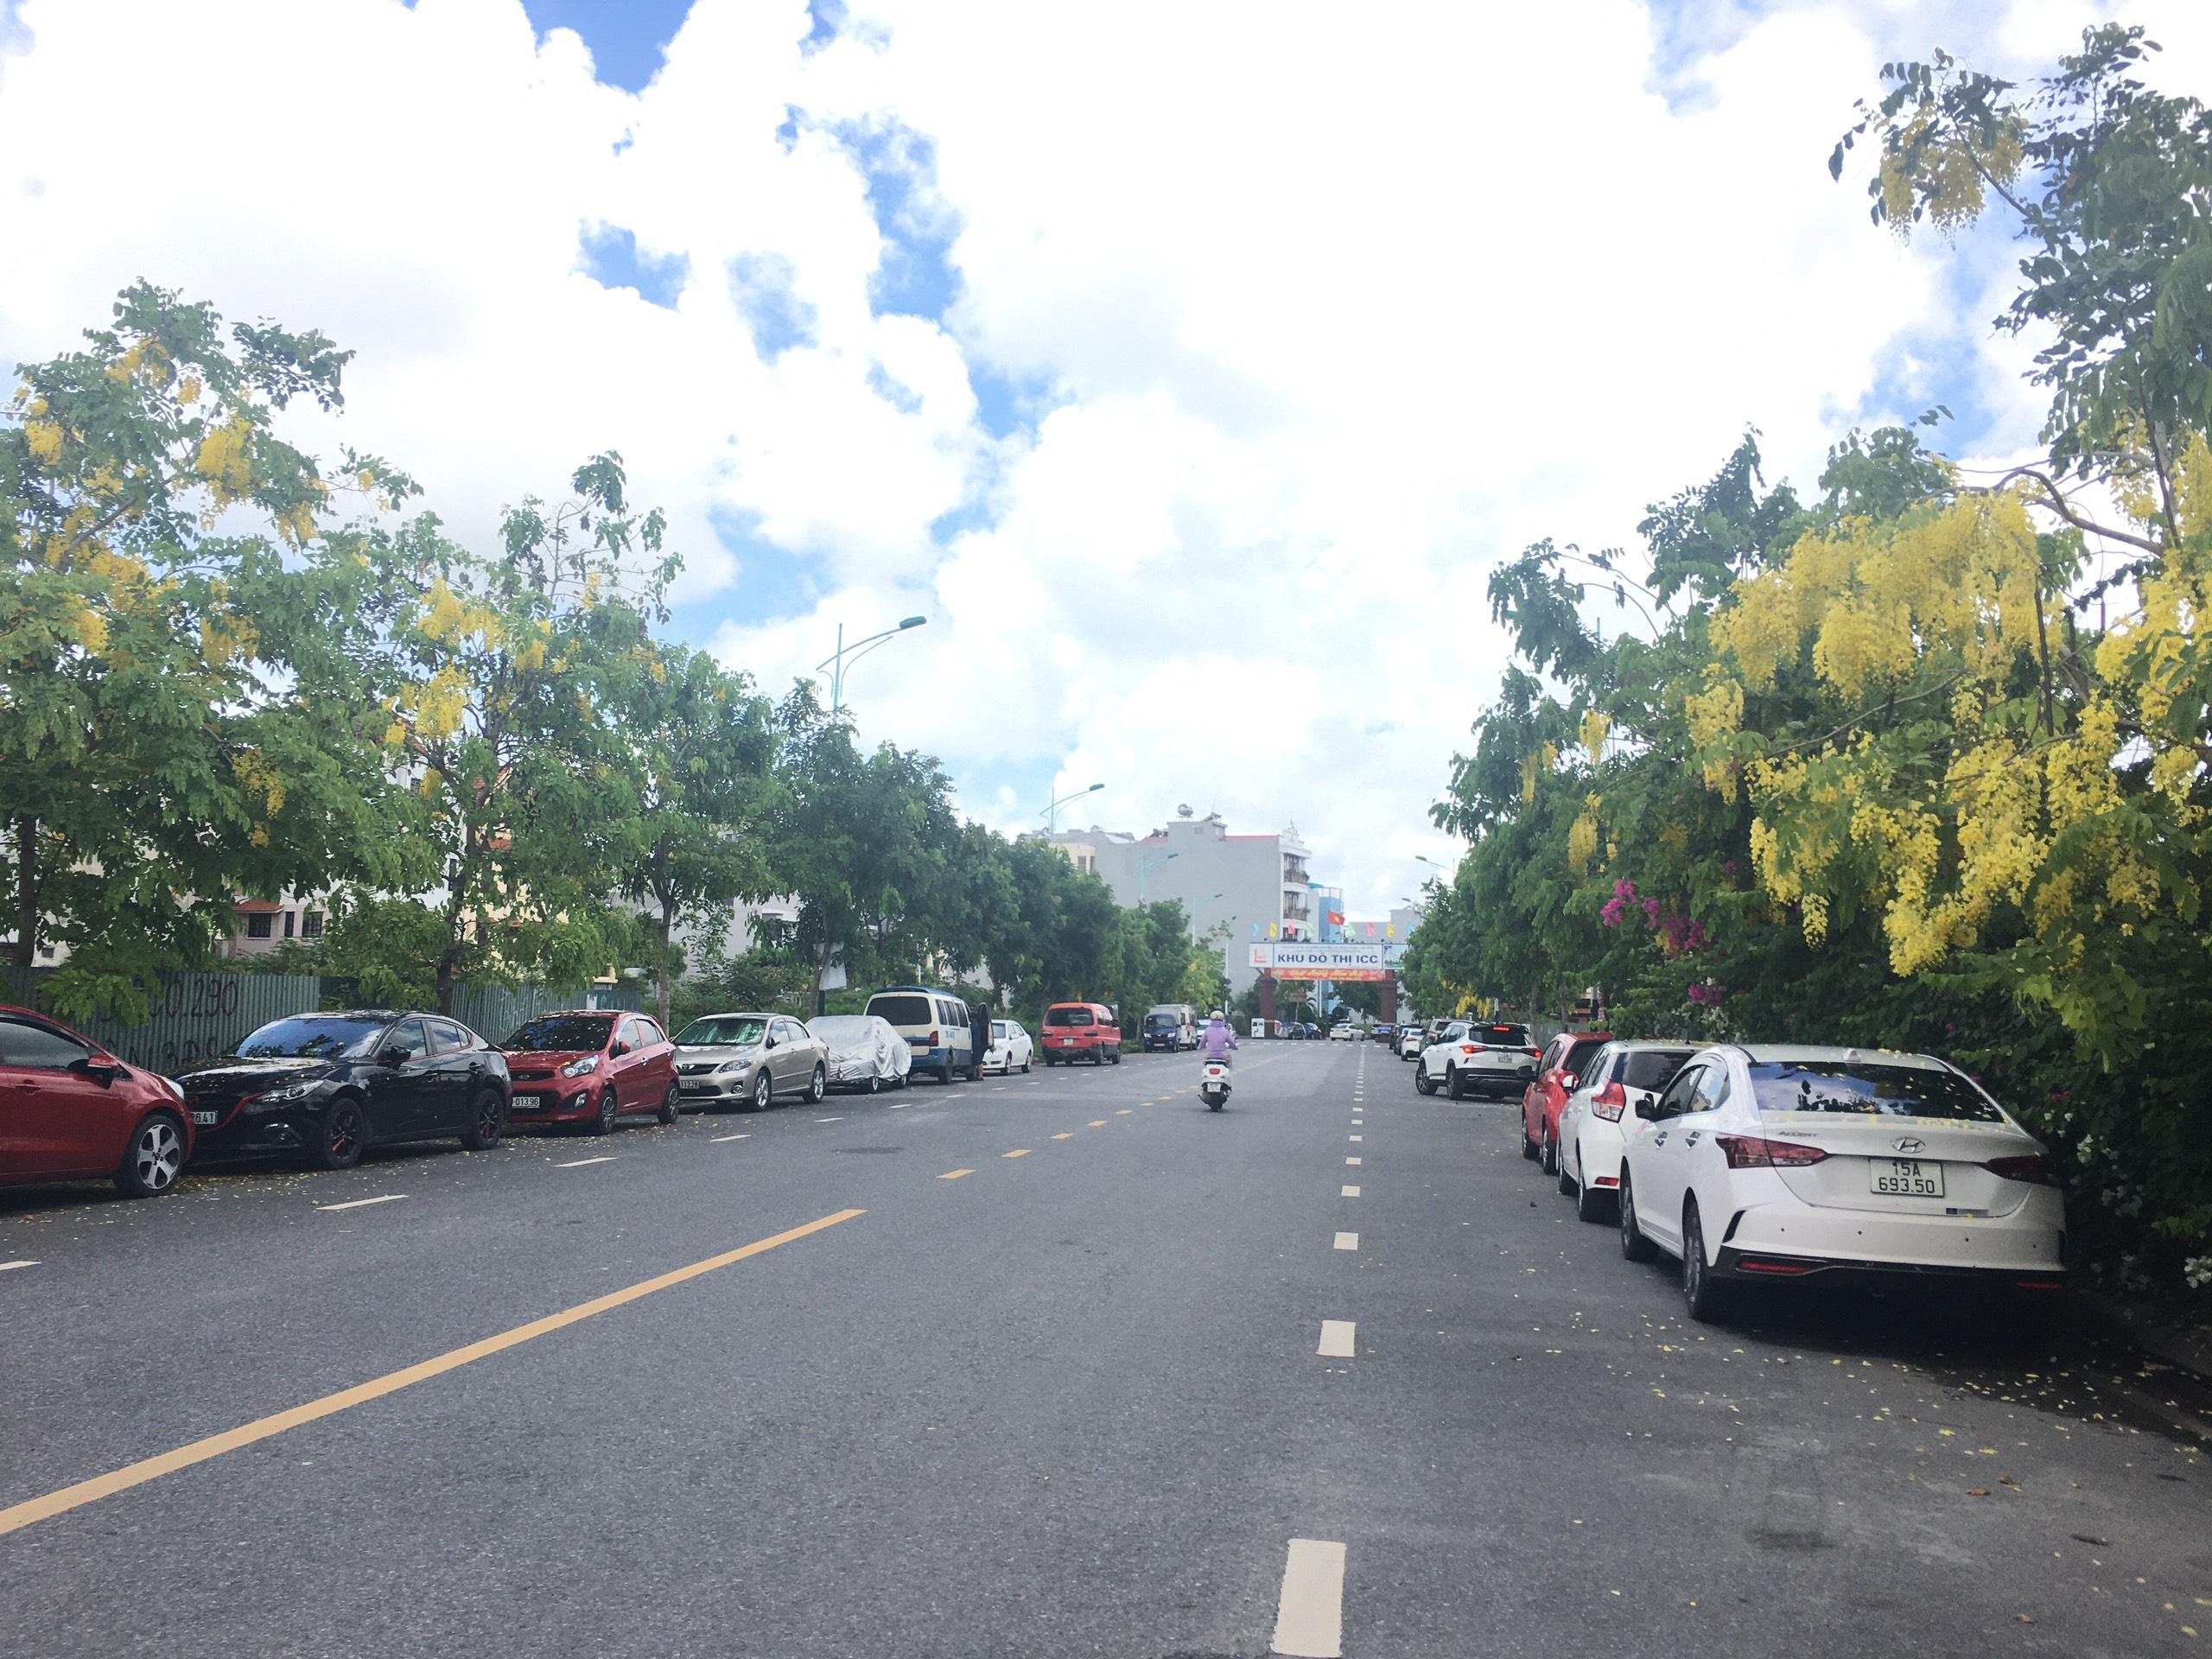 Bán GẤP nhà cấp 4 mặt đường Đình Đông, Lê Chân, Hải Phòng